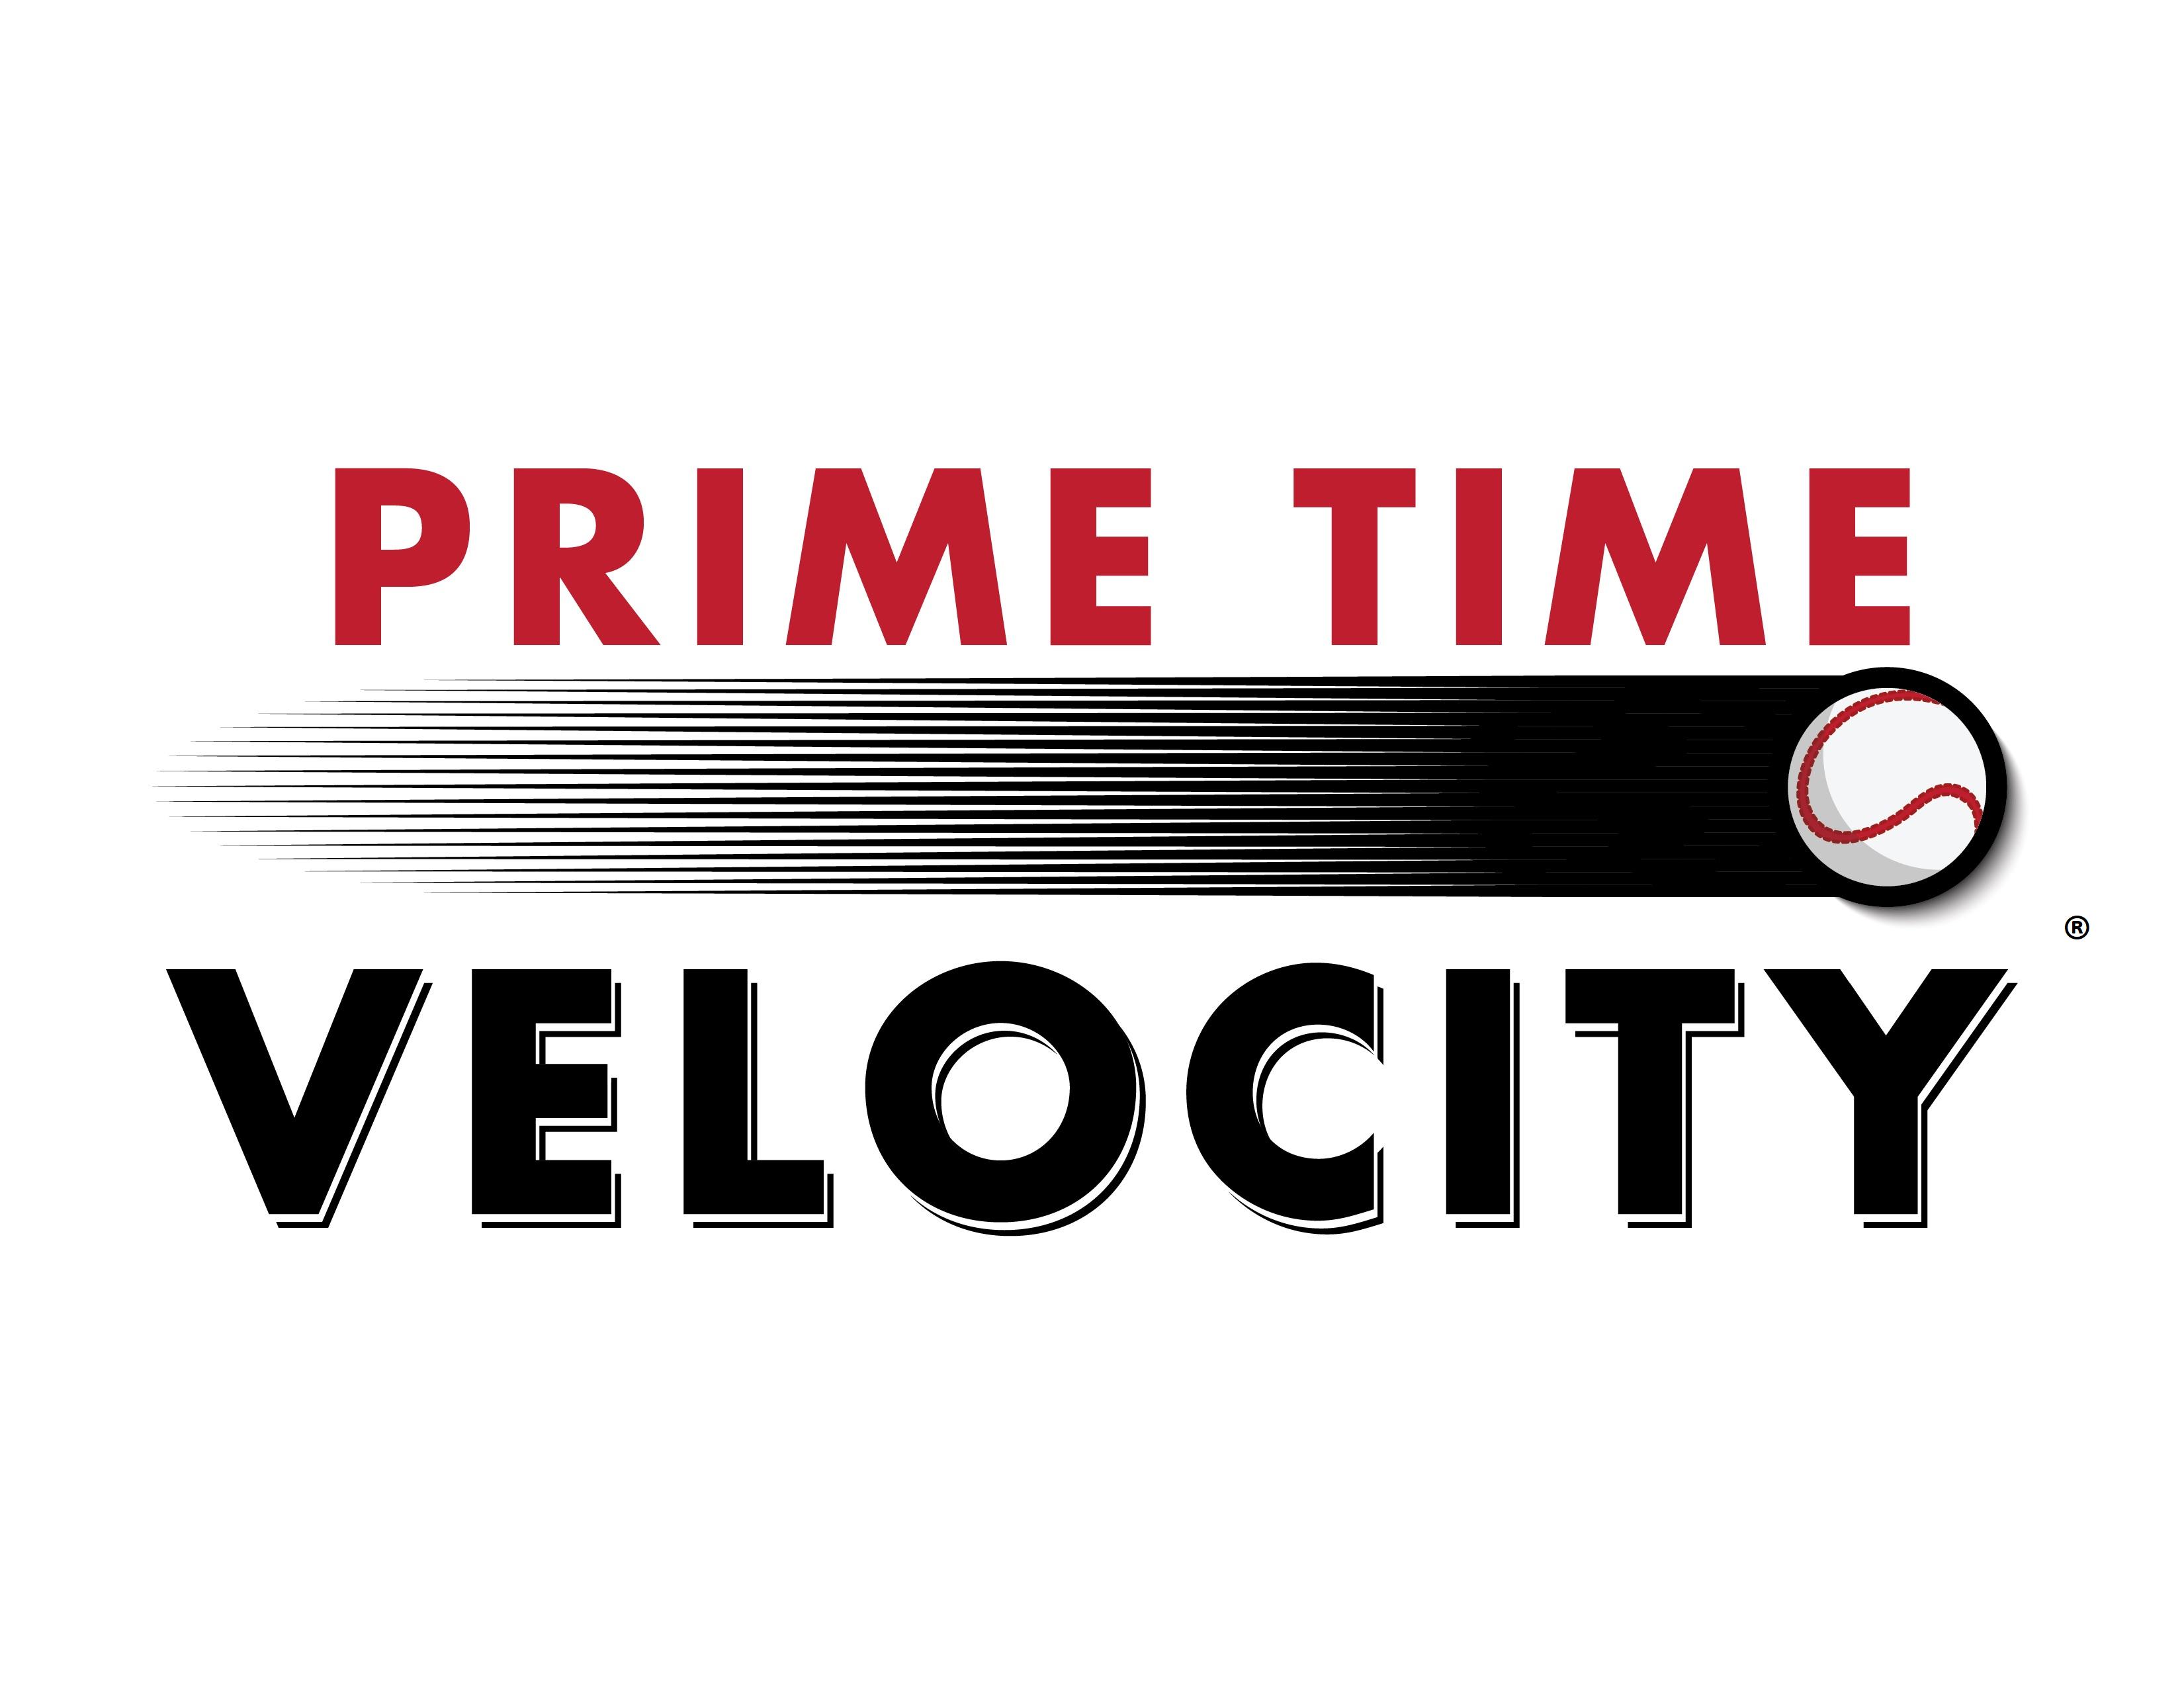 Prime Time Velocity 5:00 - 7:00 pm